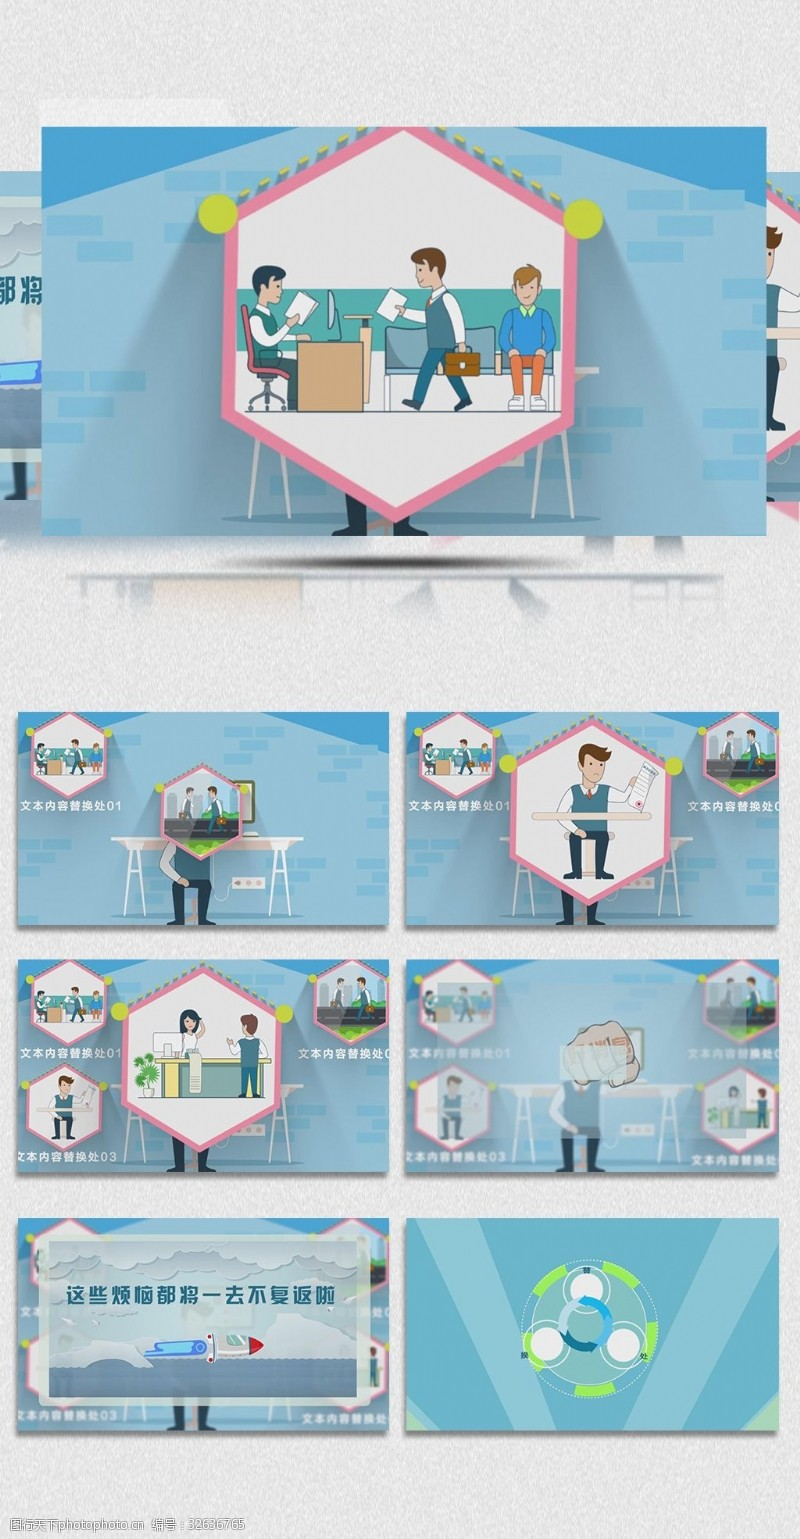 公司企业模板mg动画产品宣传商务AE模版